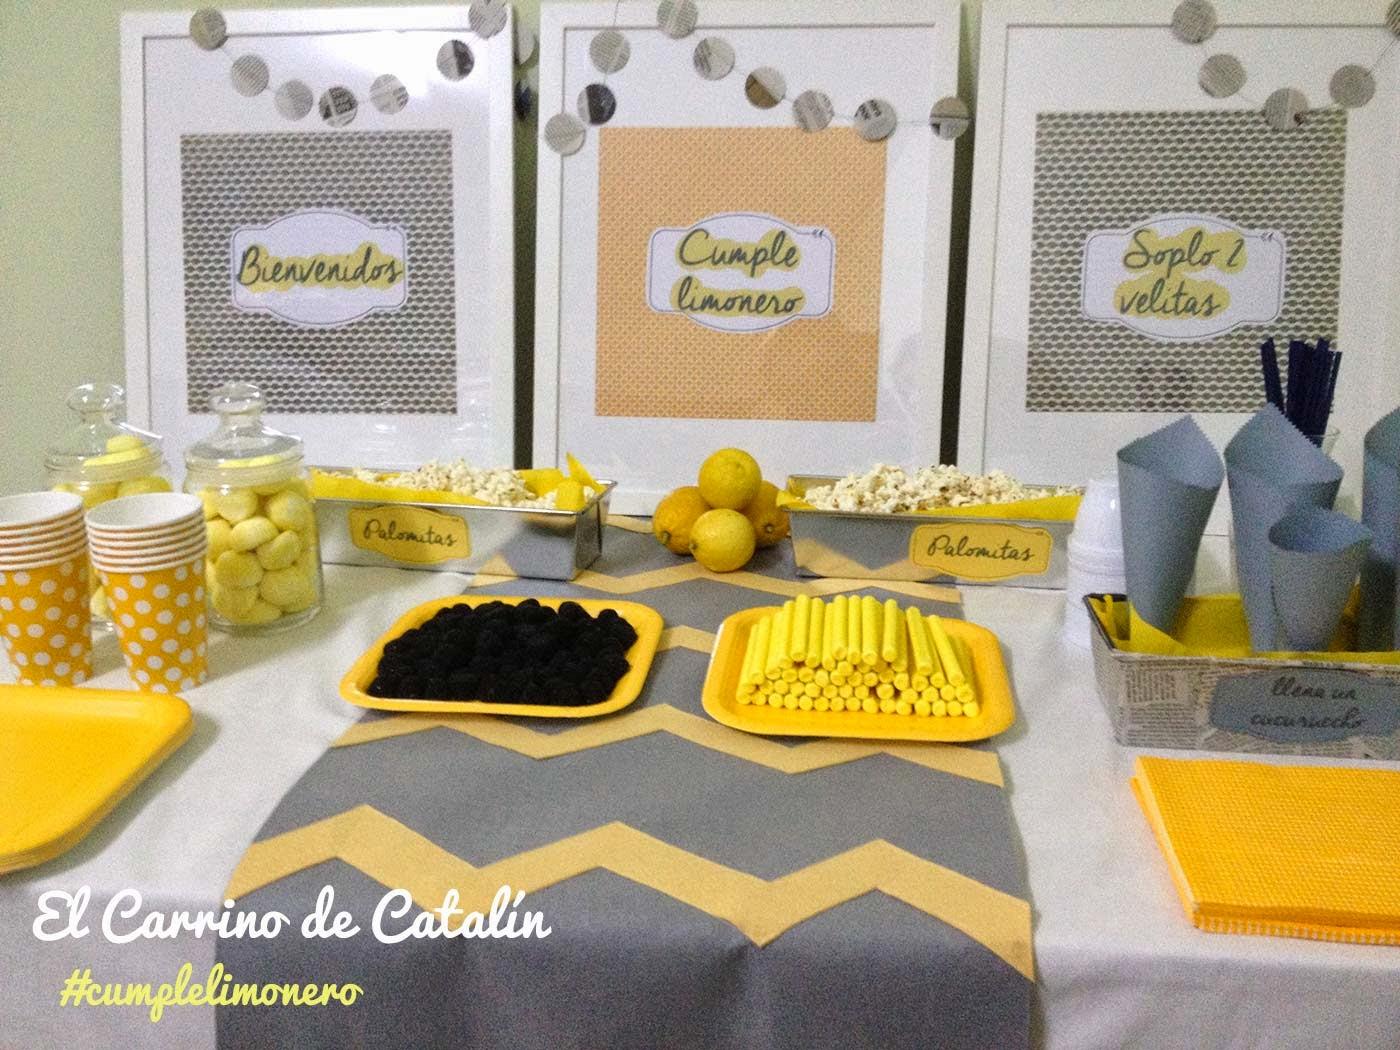 decoración de mesa de cumpleaños